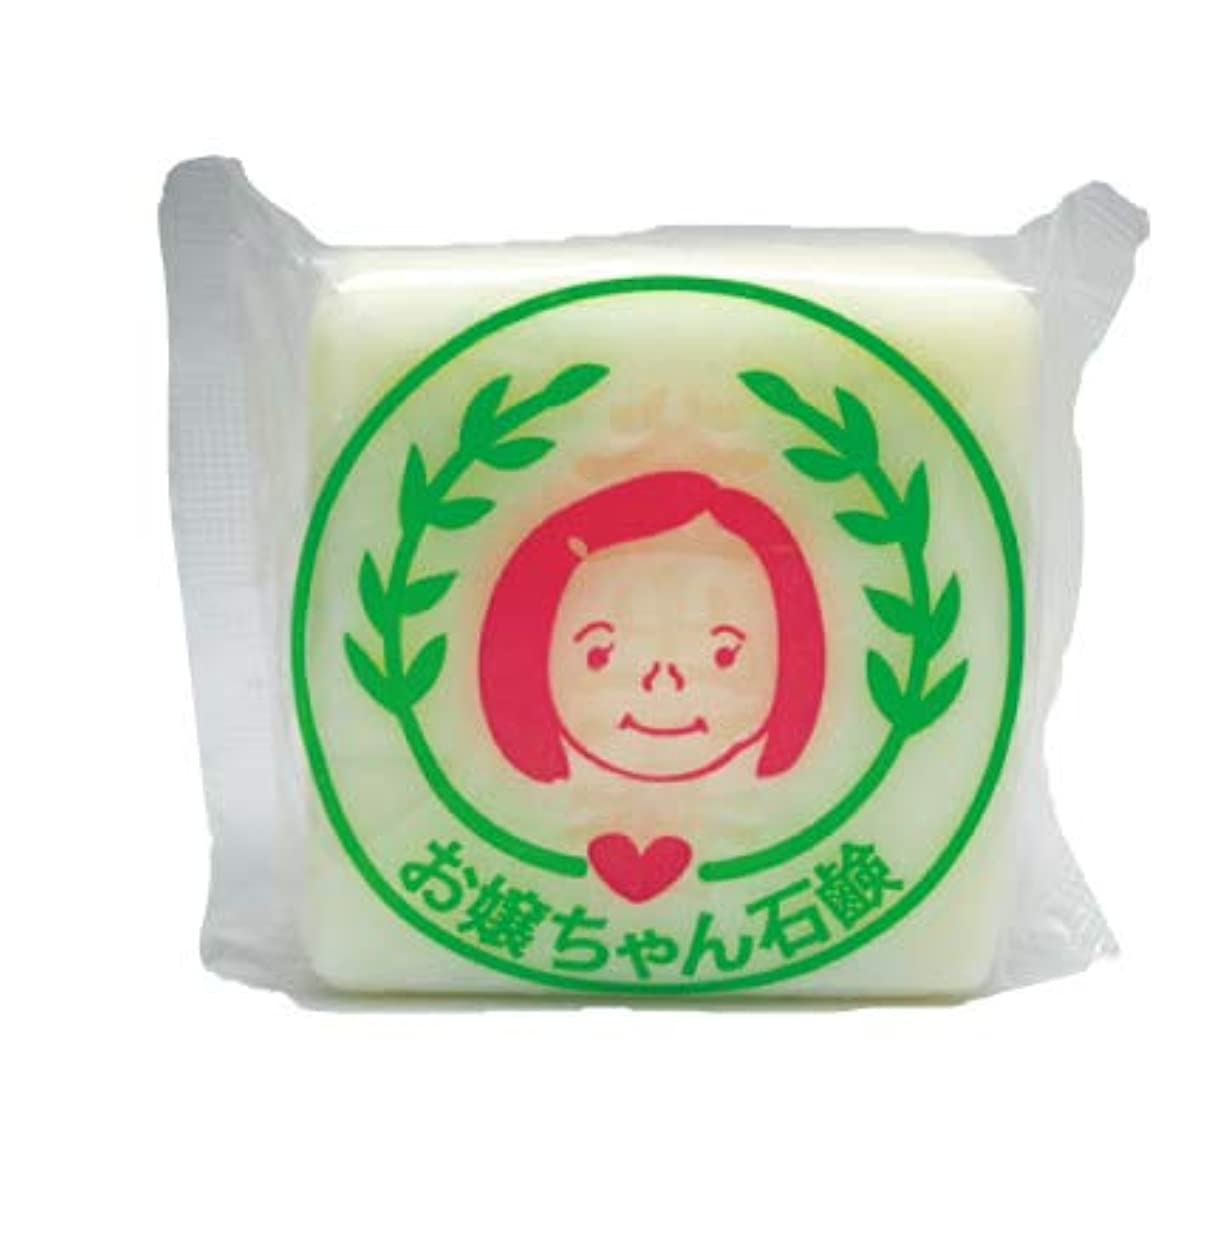 価格開いた好意的新しいお嬢ちゃん石鹸(100g)